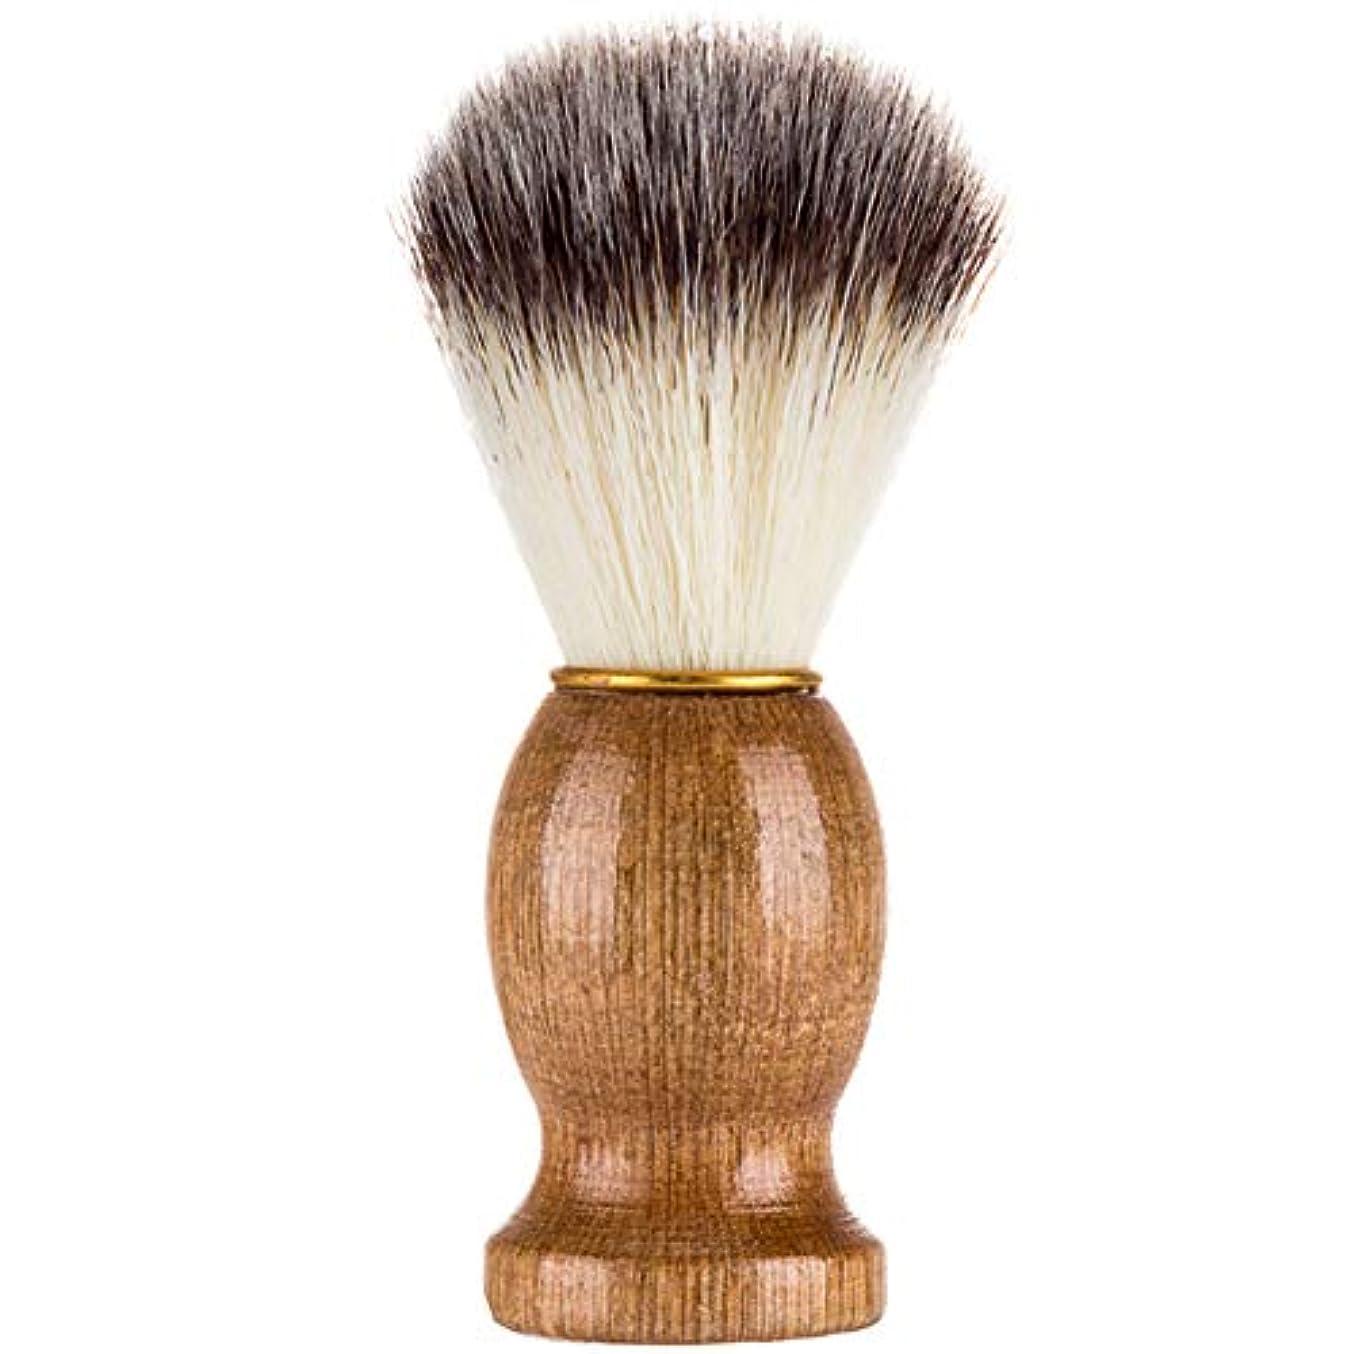 掘るベアリングサークルやがてTenflyer シェービングブラシ、シェービングブラシ、男性シェービングブラシシェービングかみそりブラシサロン理髪店用ツールひげ剃り用品